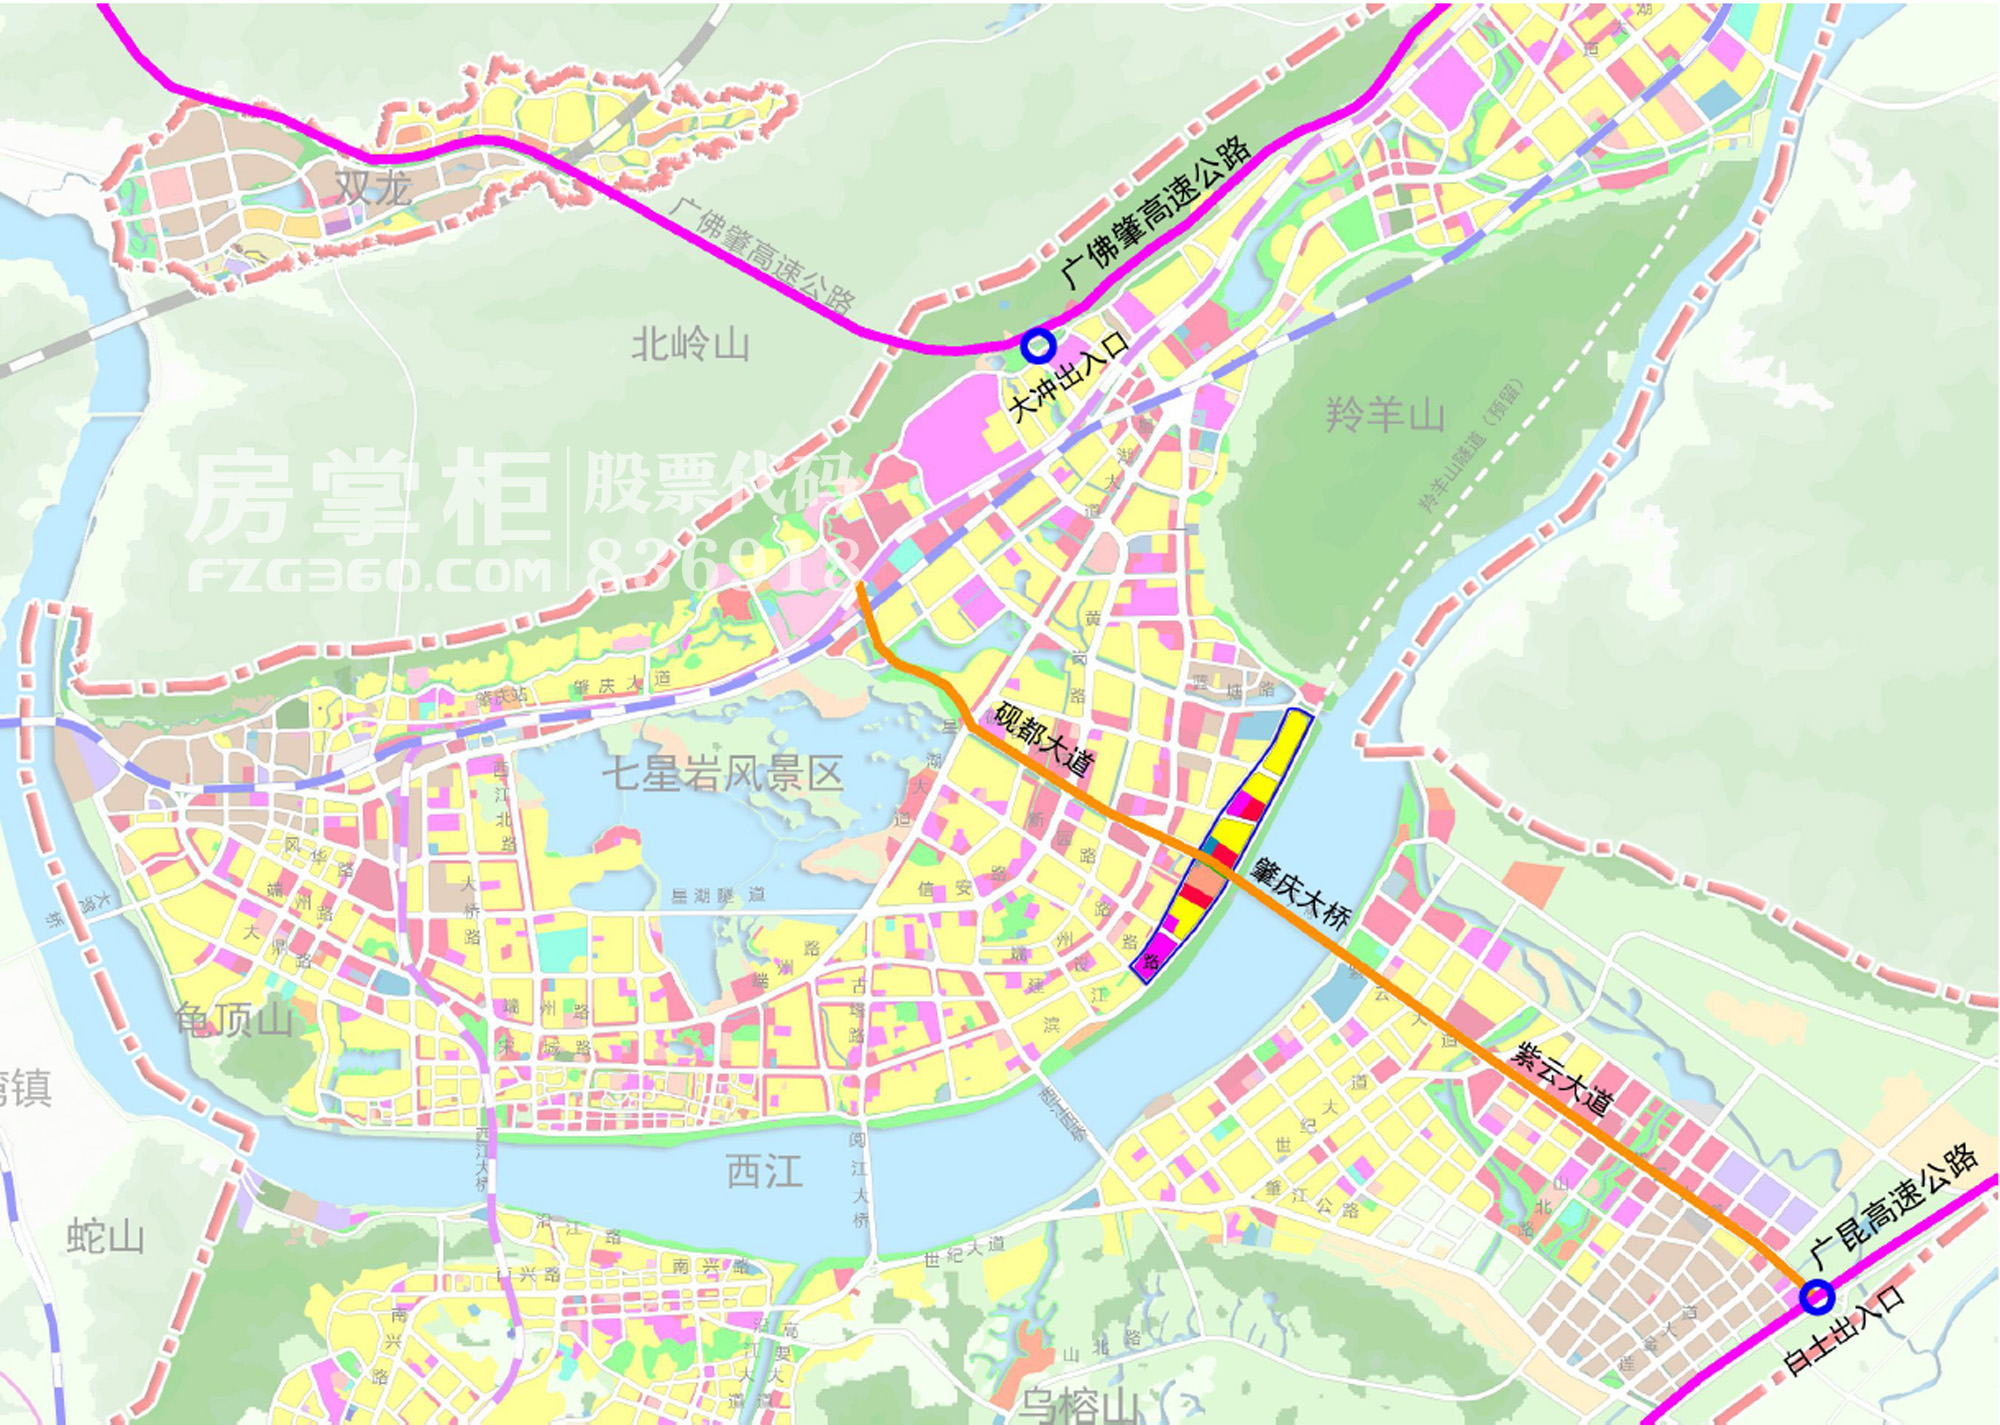 规划片区在中心城区的区位.jpg